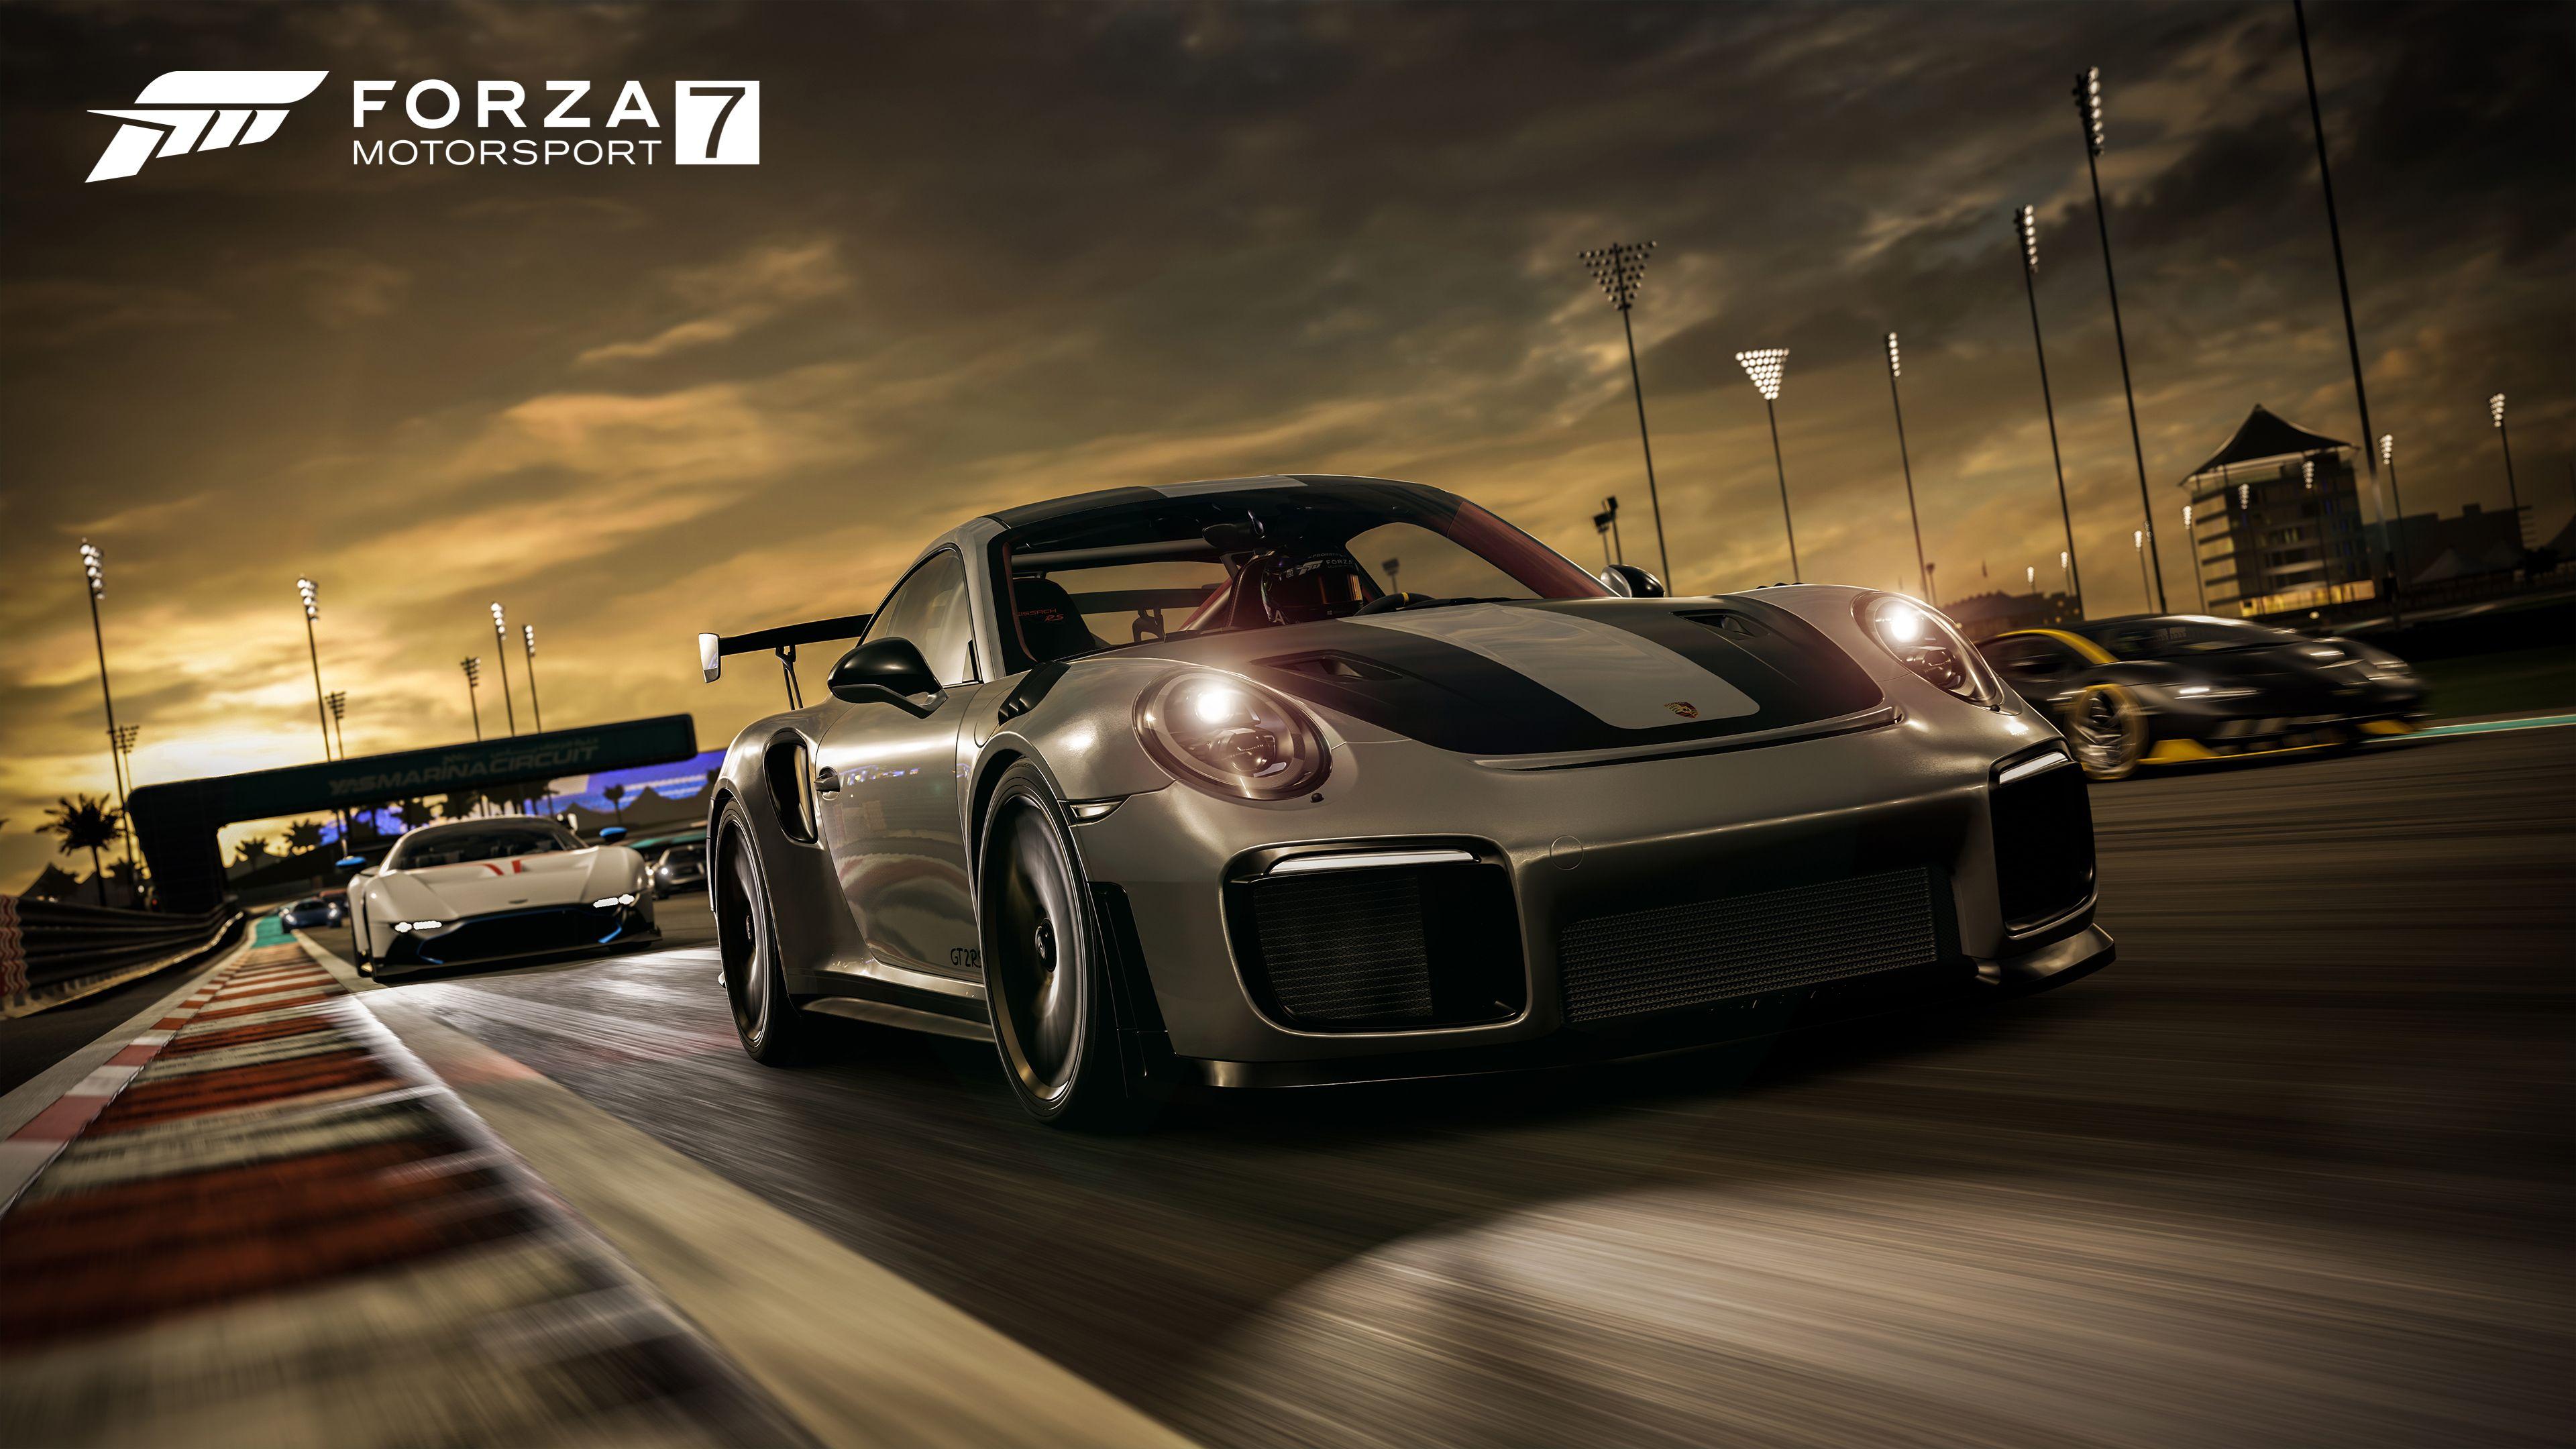 Forza Motorsport 7 - HW nároky, demo a obrázky 148639